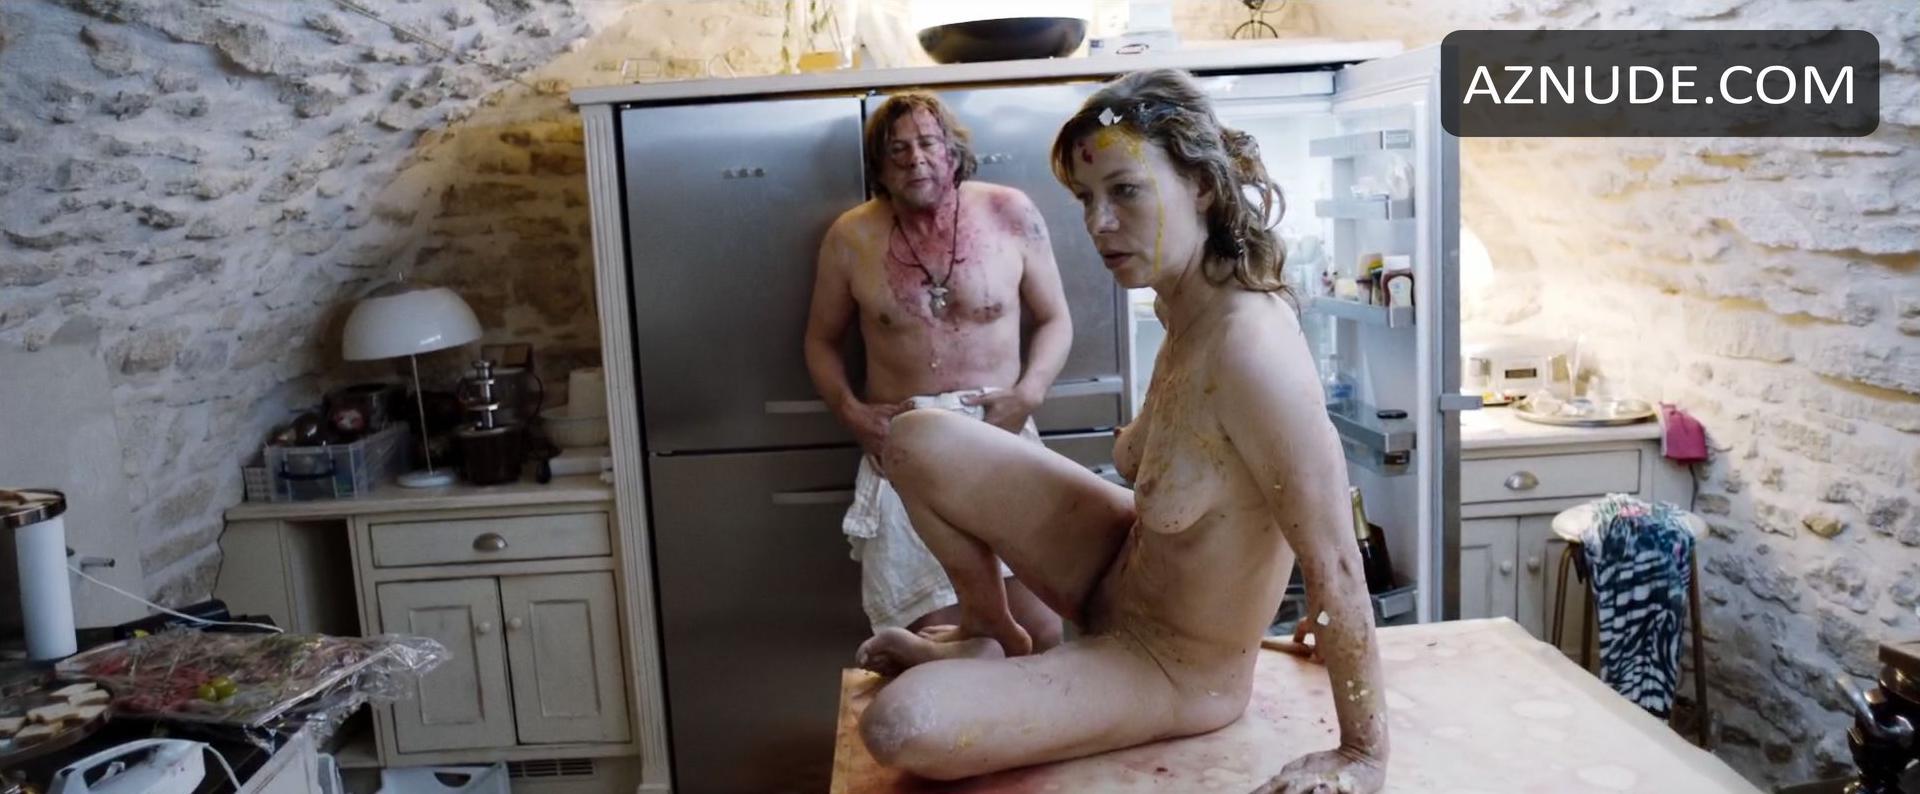 Jule Nackt jule bowe nude - aznude